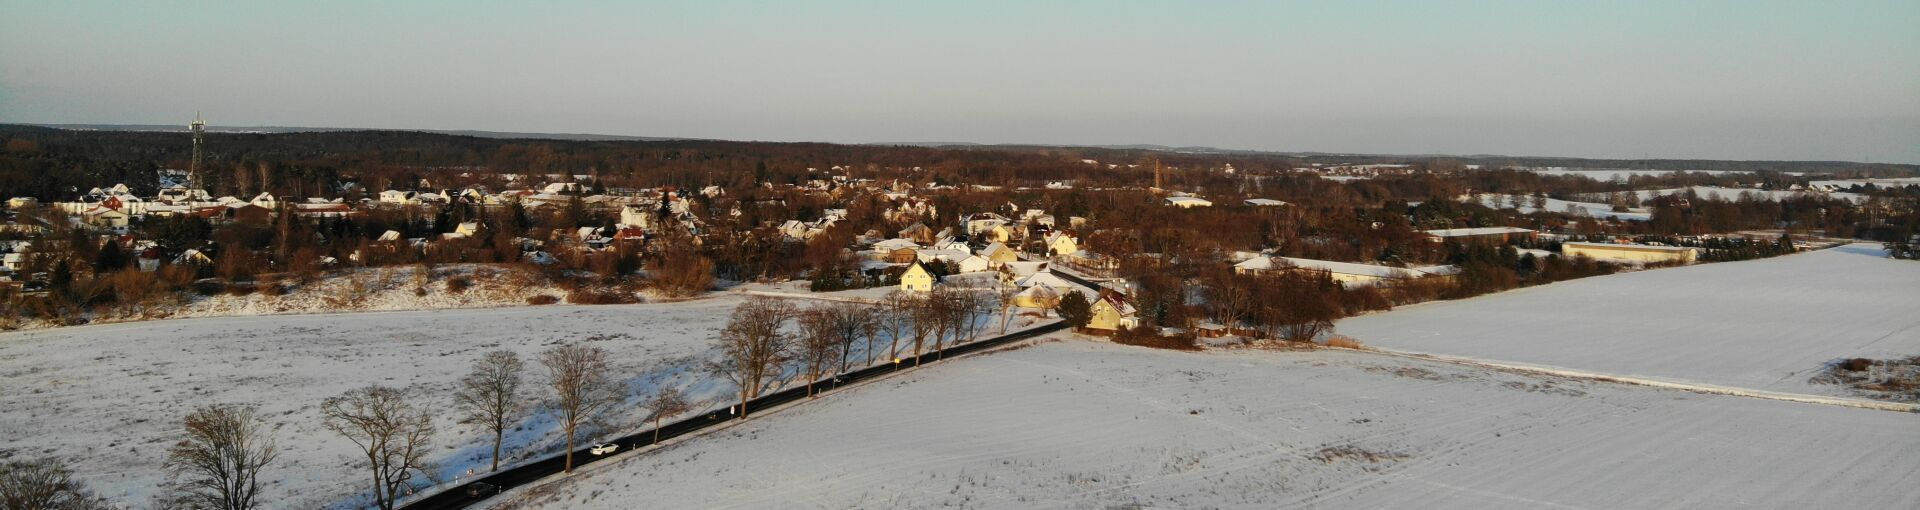 Luftbilder - Steffen Busch